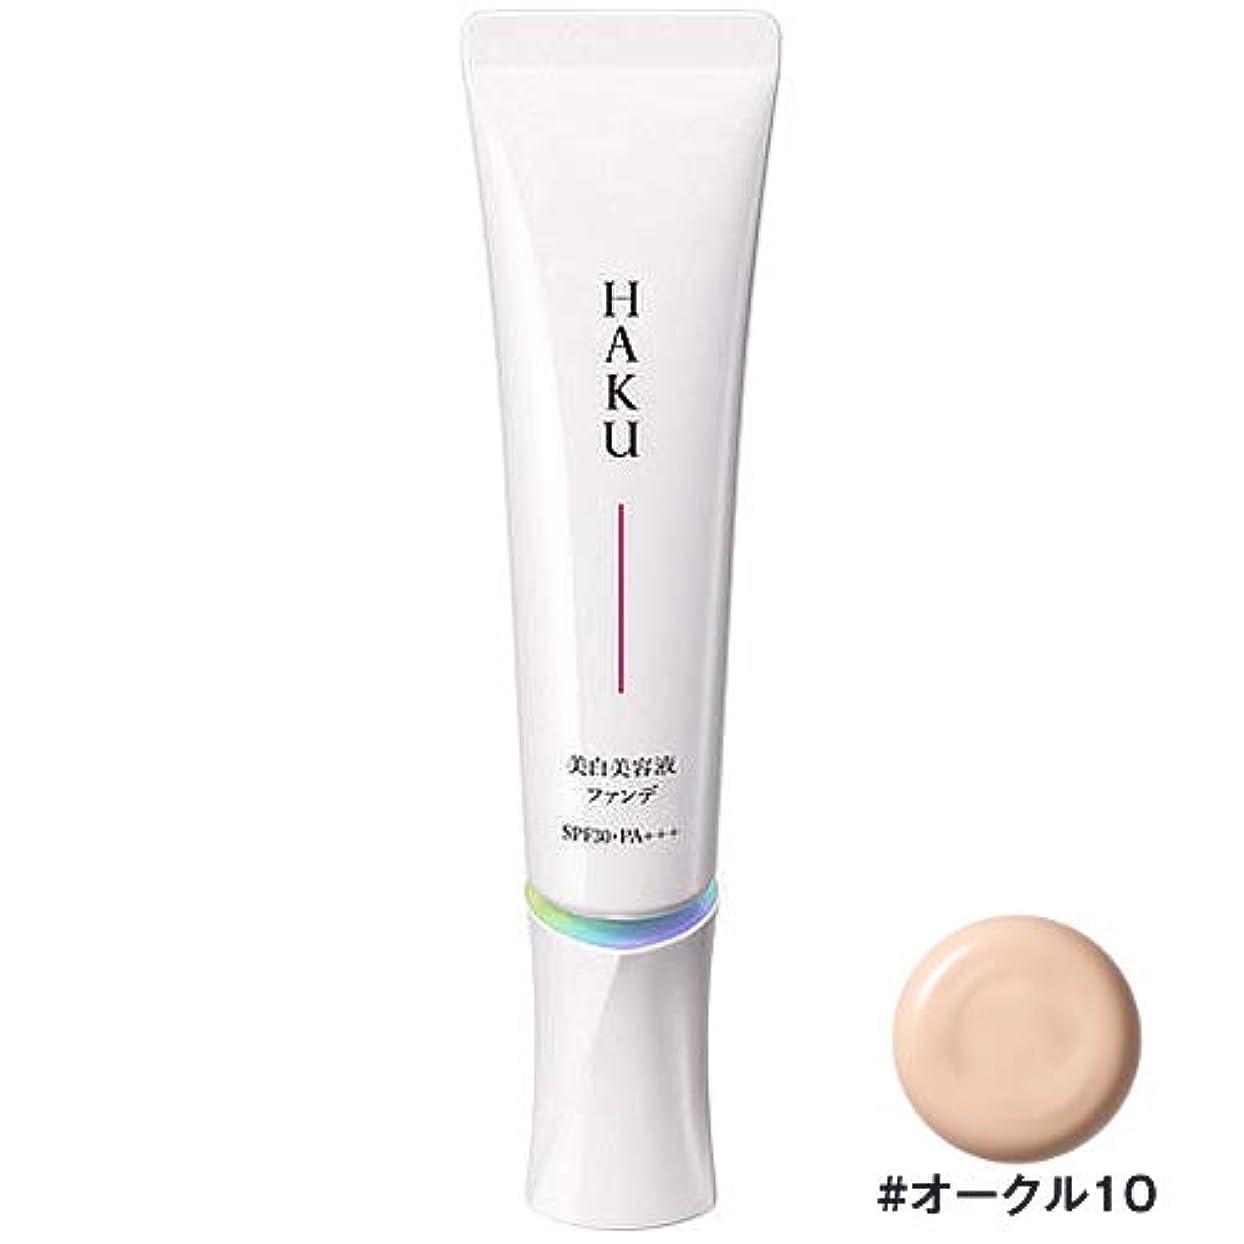 資生堂 HAKU 薬用 美白美容液ファンデ オークル10 30g [並行輸入品]